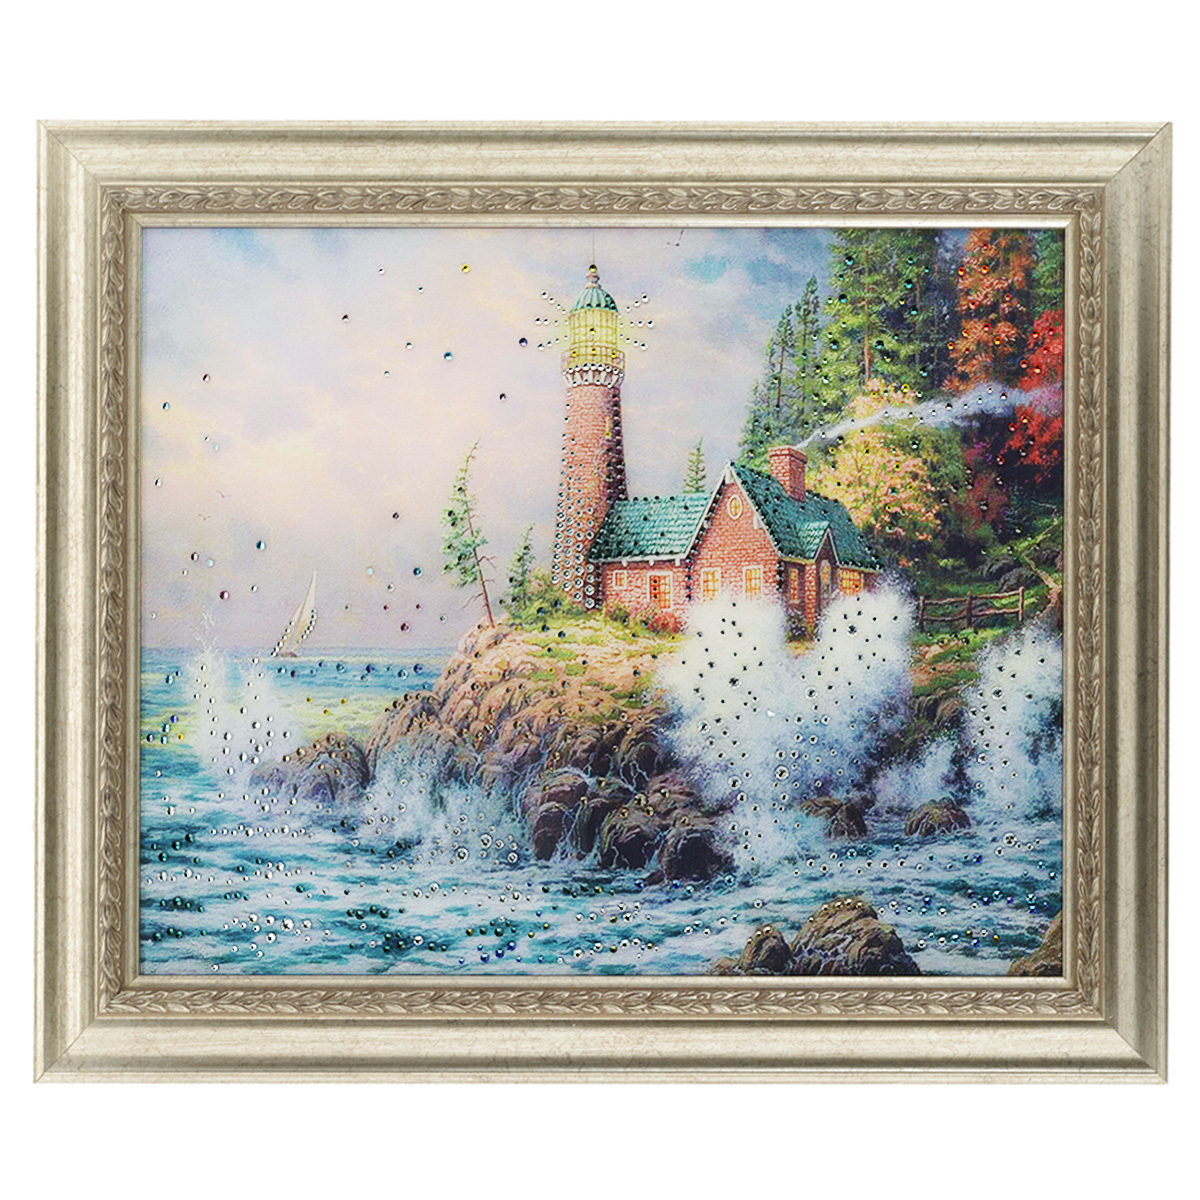 Картина с кристаллами Swarovski Маяк на берегу, 60 х 50 см8-482Изящная картина в багетной раме, инкрустирована кристаллами Swarovski, которые отличаются четкой и ровной огранкой, ярким блеском и чистотой цвета. Красочное изображение маяка на берегу, расположенное под стеклом, прекрасно дополняет блеск кристаллов. С обратной стороны имеется металлическая проволока для размещения картины на стене. Картина с кристаллами Swarovski Маяк на берегу элегантно украсит интерьер дома или офиса, а также станет прекрасным подарком, который обязательно понравится получателю. Блеск кристаллов в интерьере, что может быть сказочнее и удивительнее. Картина упакована в подарочную картонную коробку синего цвета и комплектуется сертификатом соответствия Swarovski.